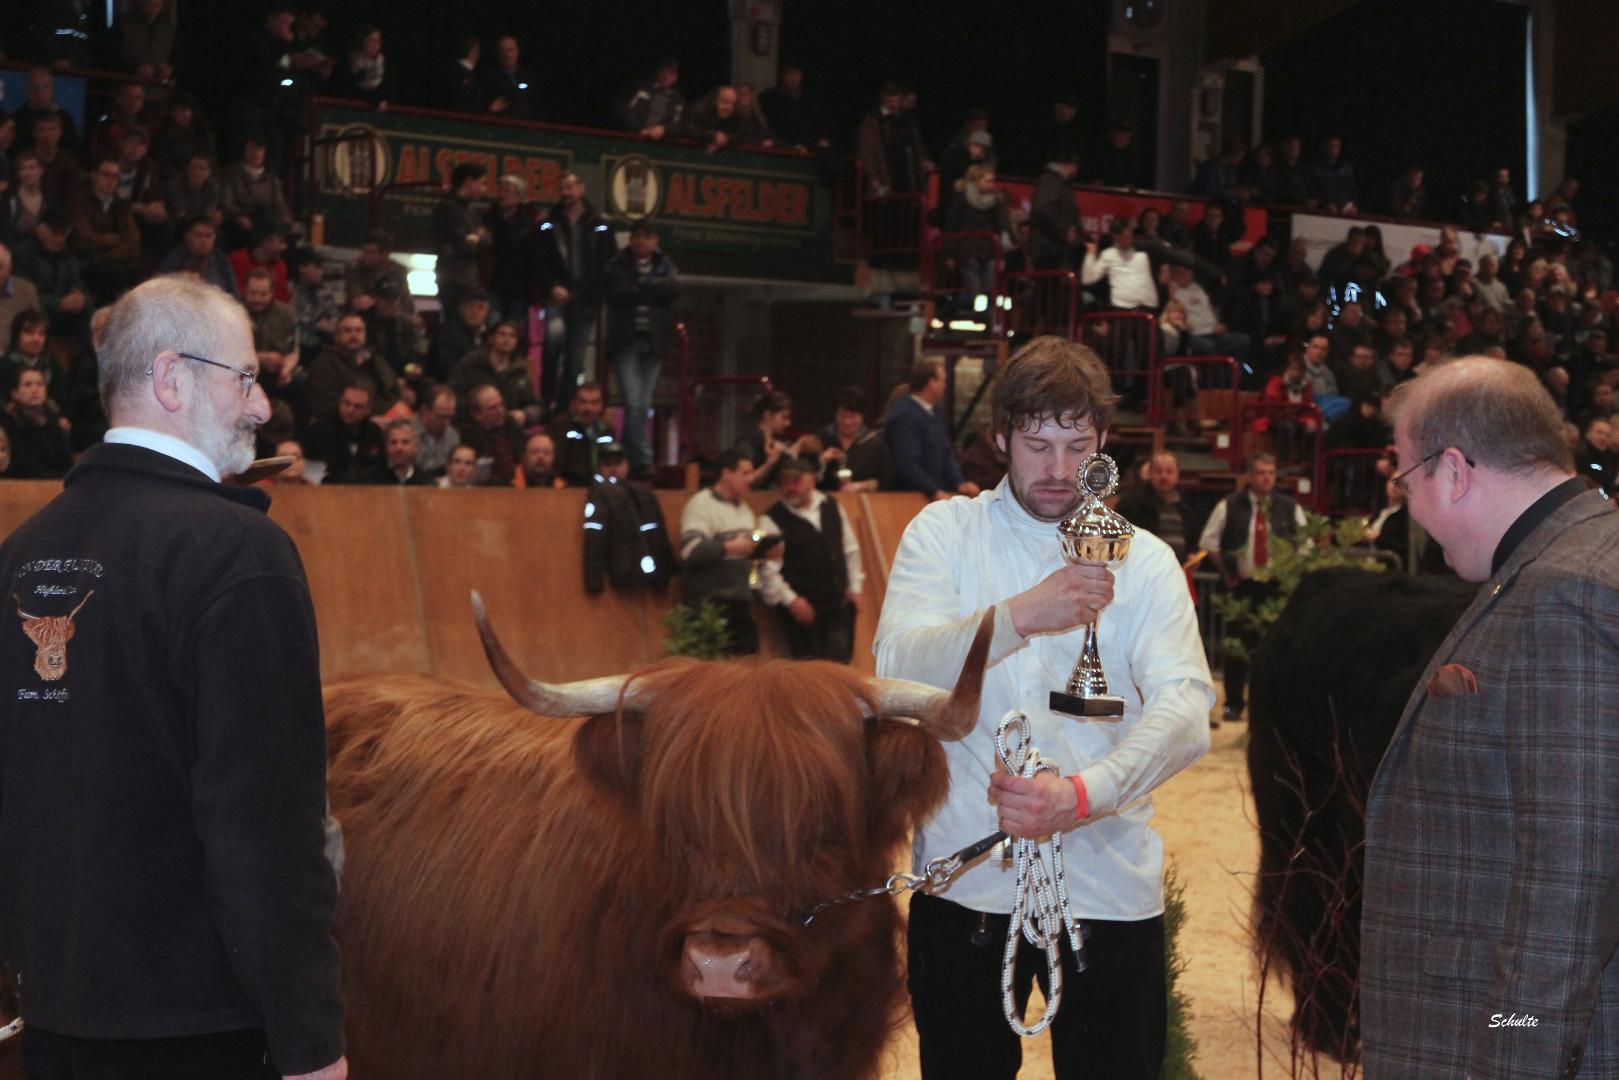 309 276 Wonne Pokal Bundesverband Highland x Siegerkuh Highland Dr. Urs Schöffel, Hessisch Lichtenau